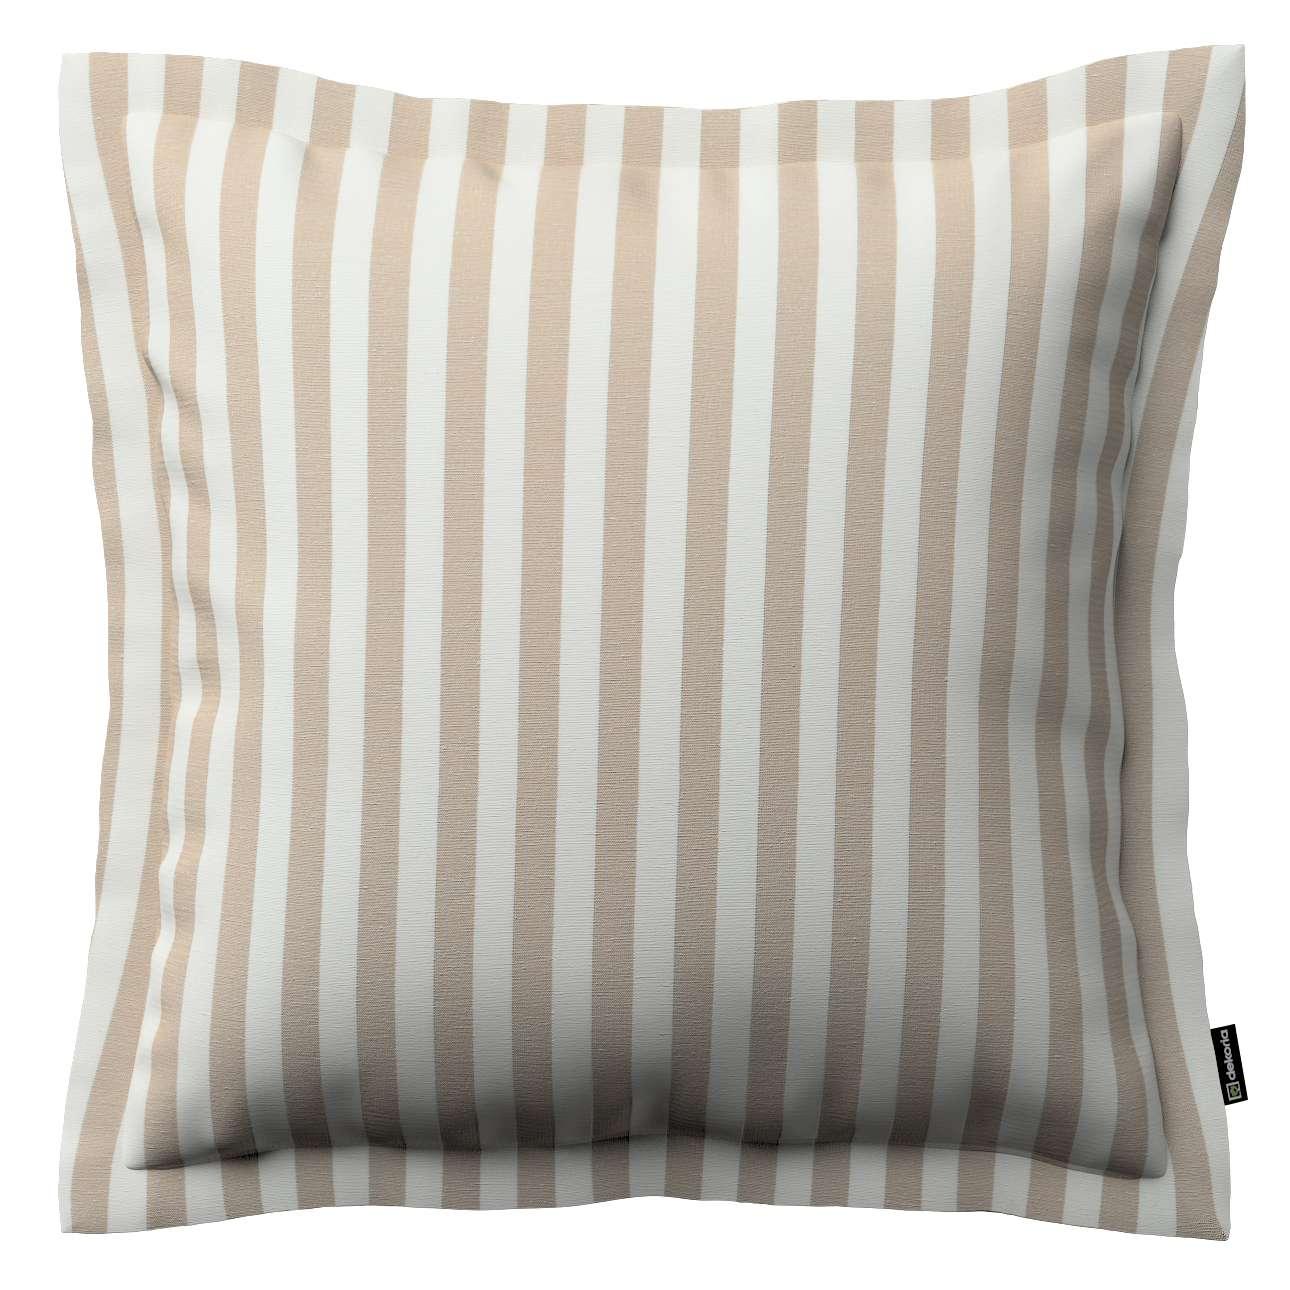 Poszewka Mona na poduszkę w kolekcji Quadro, tkanina: 136-07